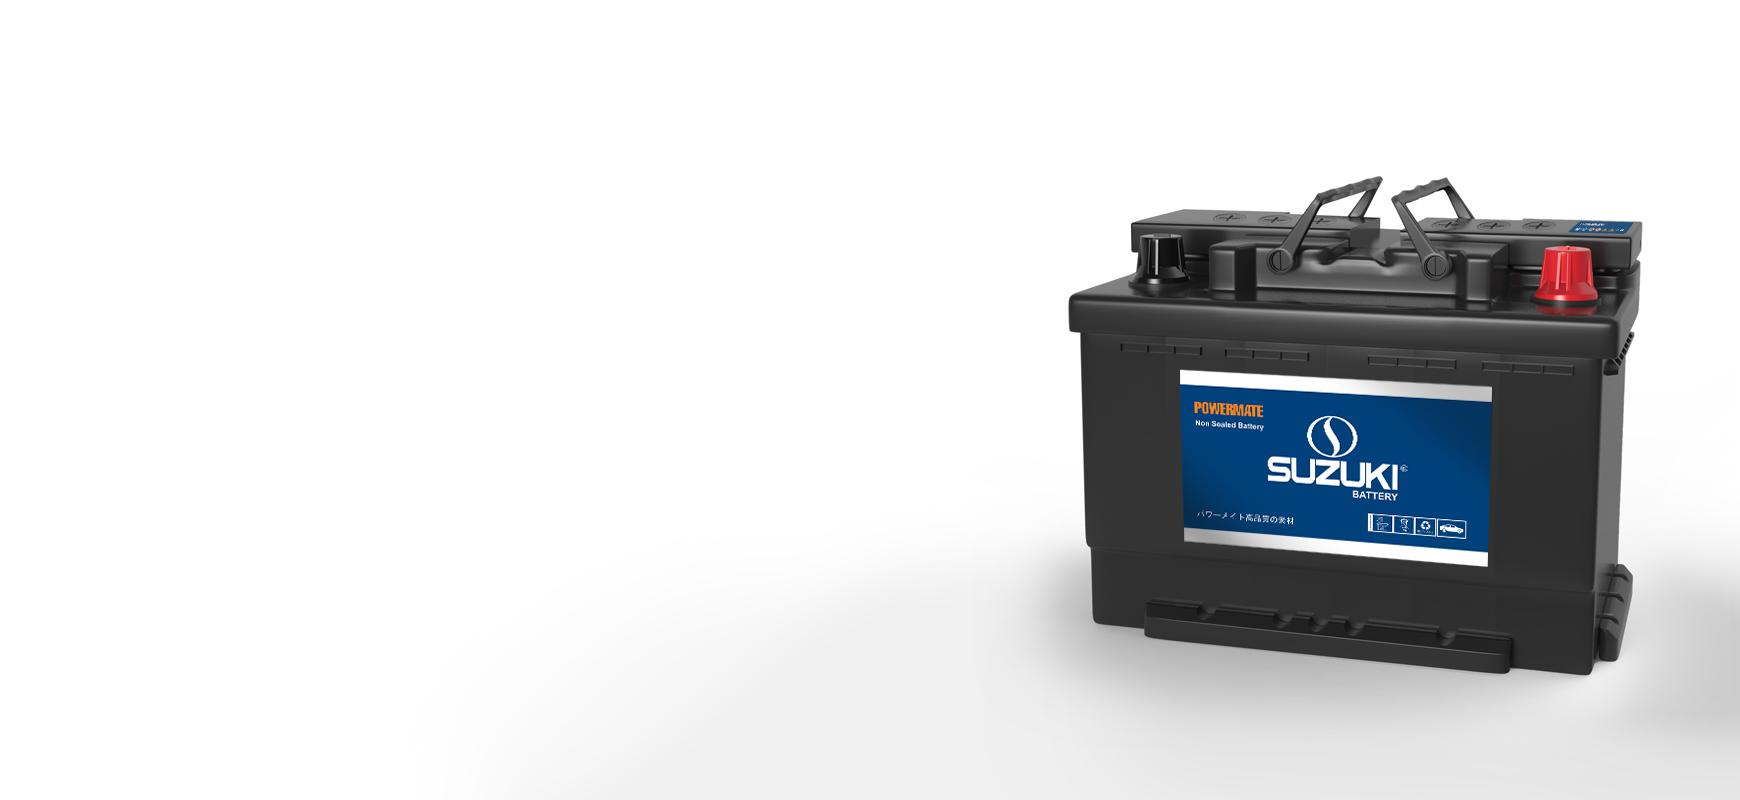 Suzuki Powermate starter battery